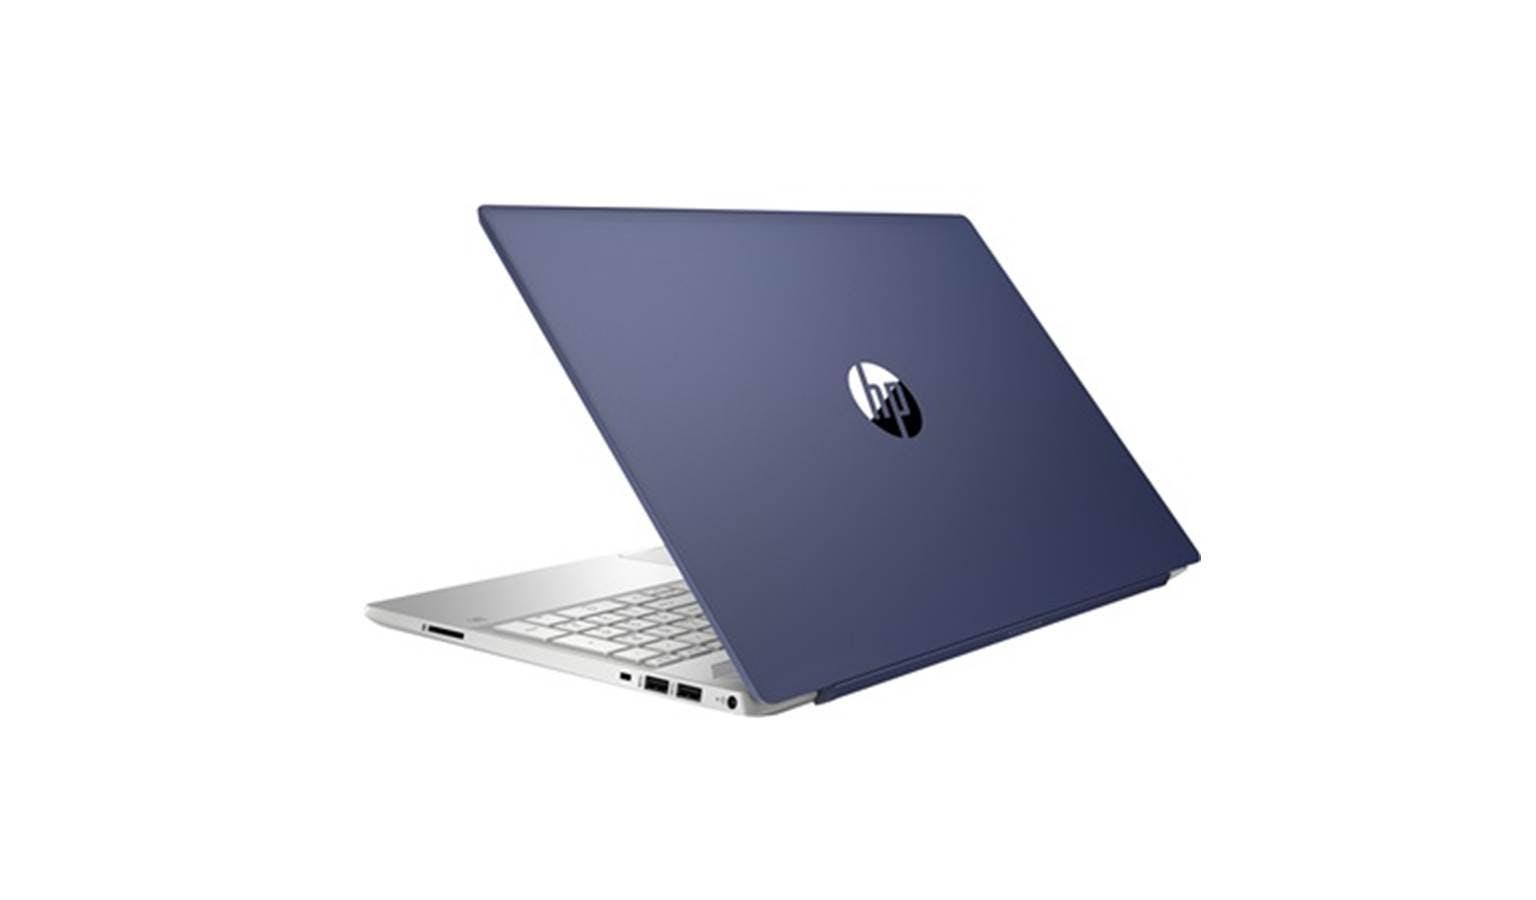 HP Pavilion 15-CS0077TX (8th Gen Intel i5-8250U Processor, 8GB RAM, NVIDIA GeForce MX150 2GB GDDR5, 1TB HDD)